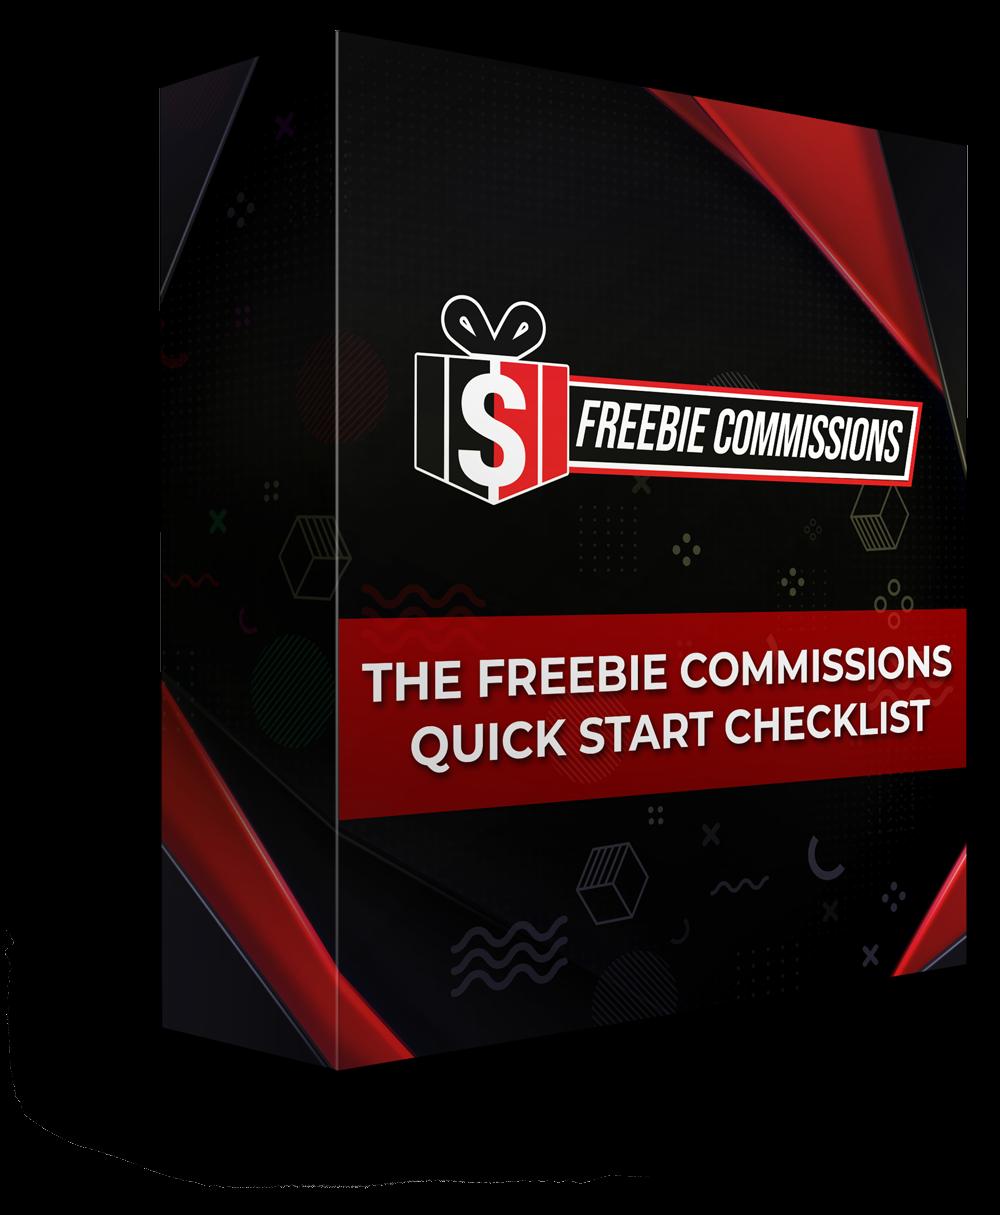 Freebie Commissions